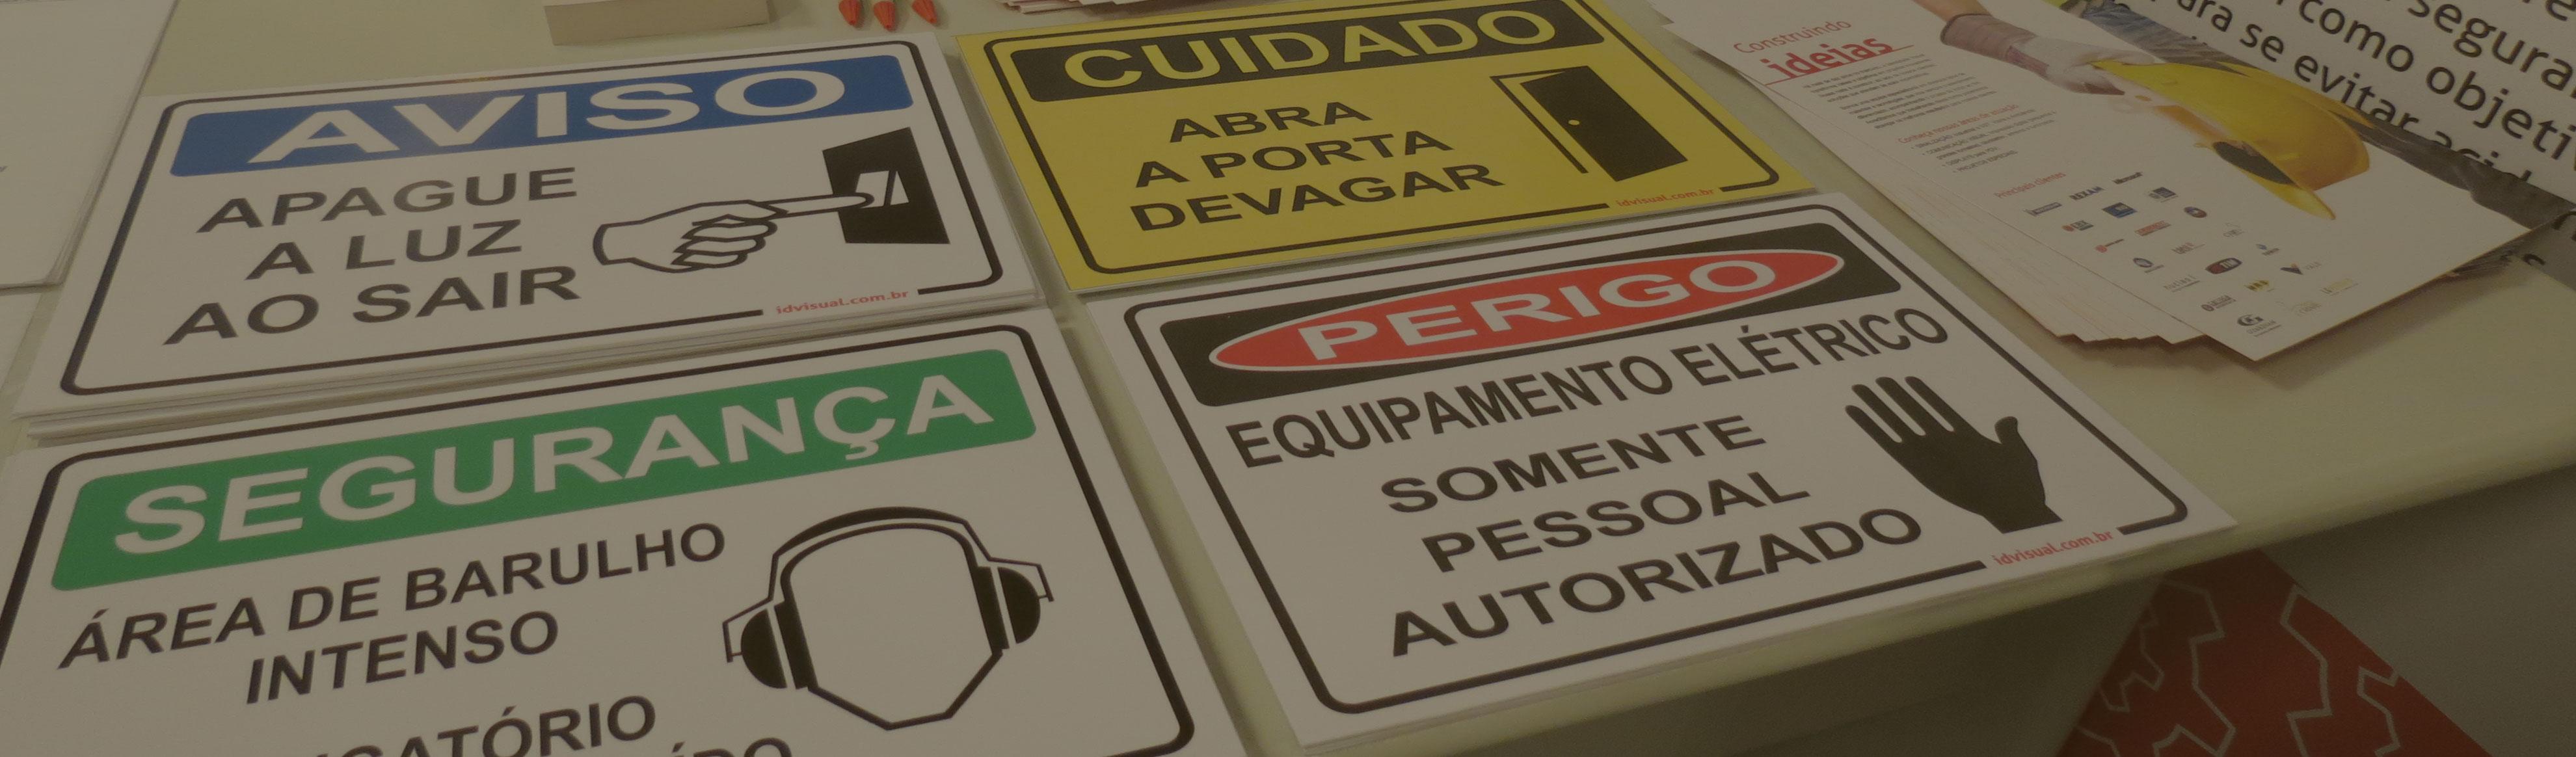 """<font size=4>""""Prevenção de acidentes é vida!""""</font>"""